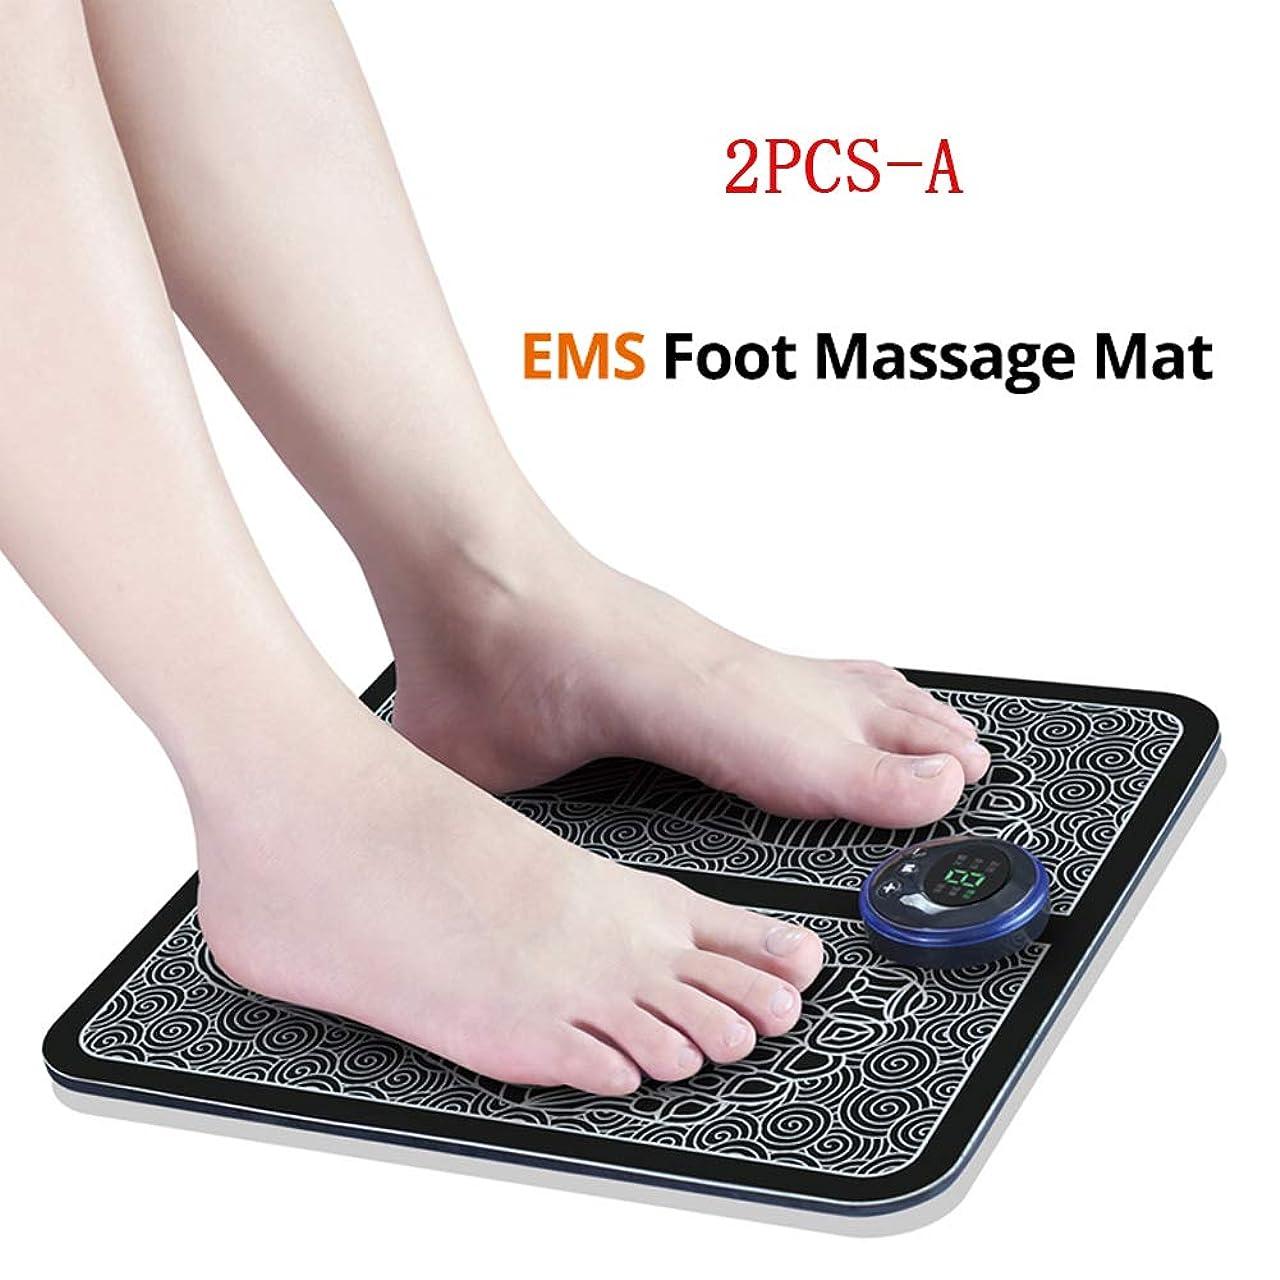 スライム騒々しい例外EMSスマートフットマッサージパッド、フットマッサージャー、足指圧療法、血液循環を促進し、男性と女性の疲労を軽減、2PCS,A